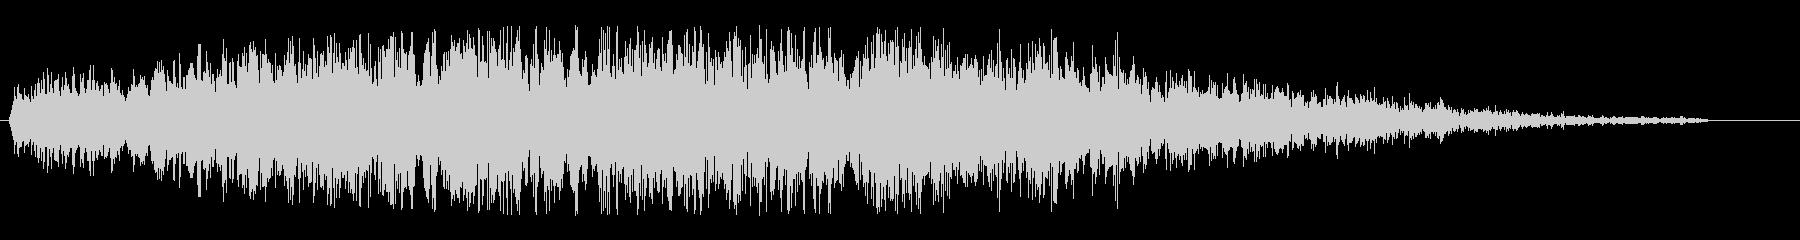 ヒューン(飛行物体の通過音)の未再生の波形